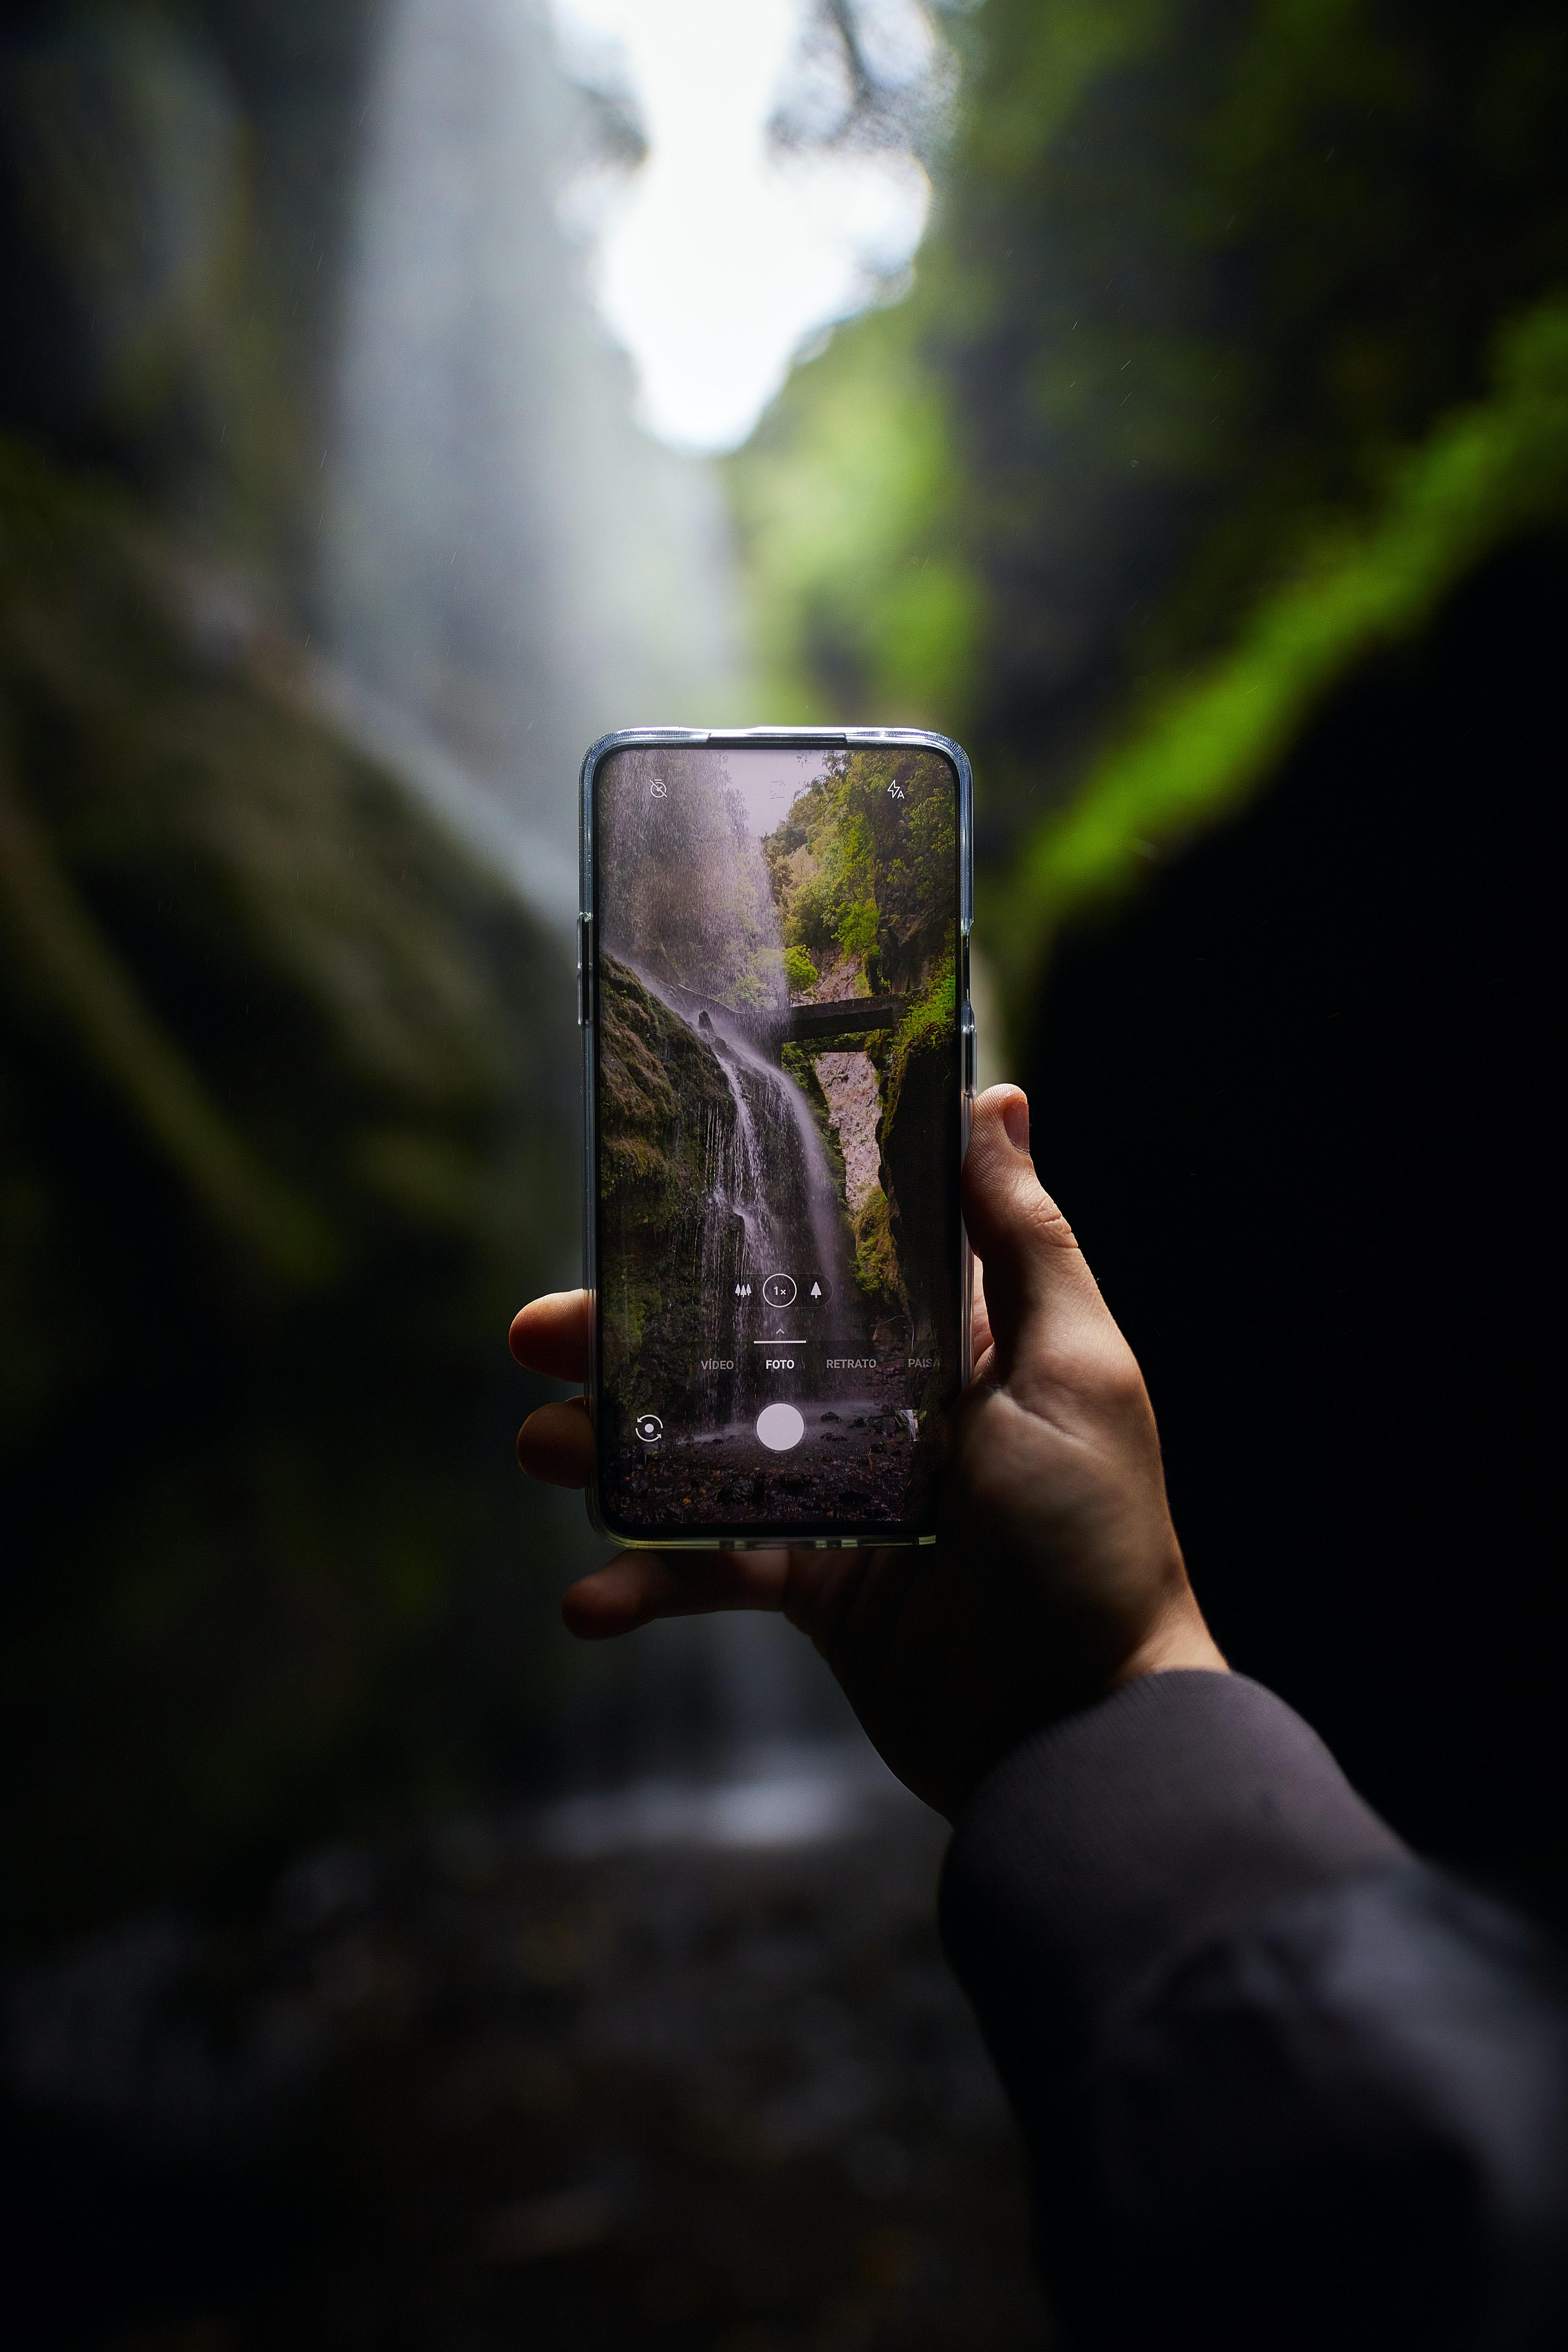 72741 обои 720x1280 на телефон бесплатно, скачать картинки Телефон, Рука, Разное, Водопад, Камера 720x1280 на мобильный